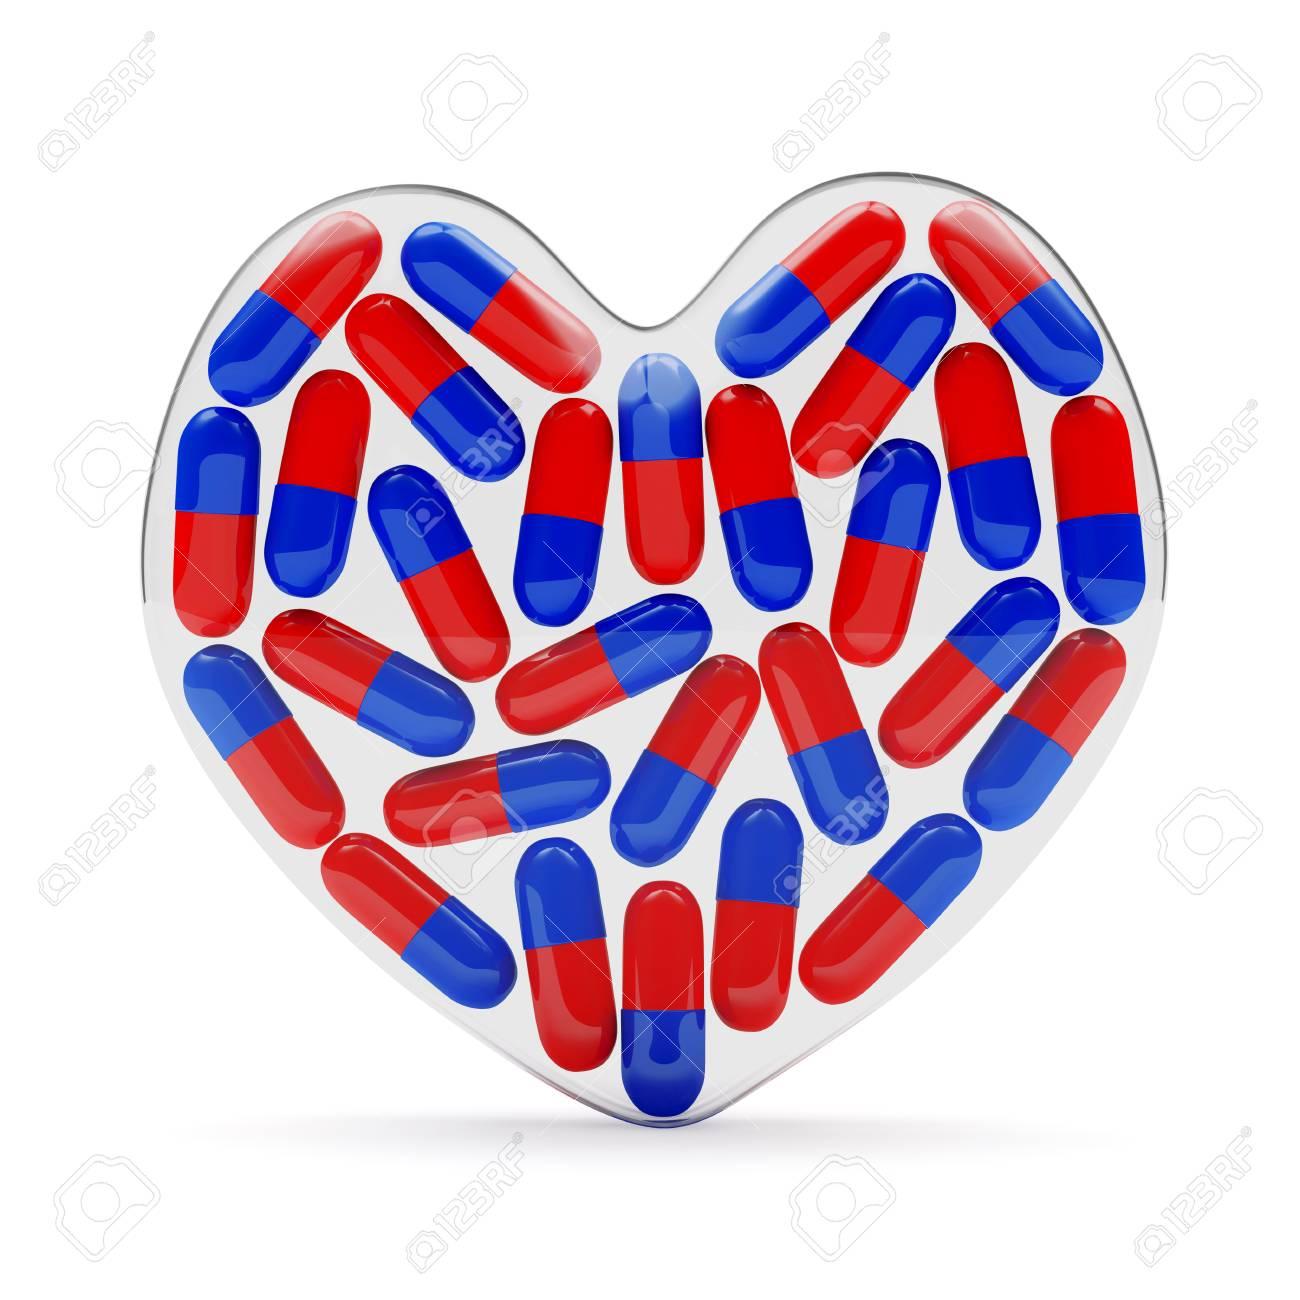 fragile glass heart full of pills isolated on white background stock